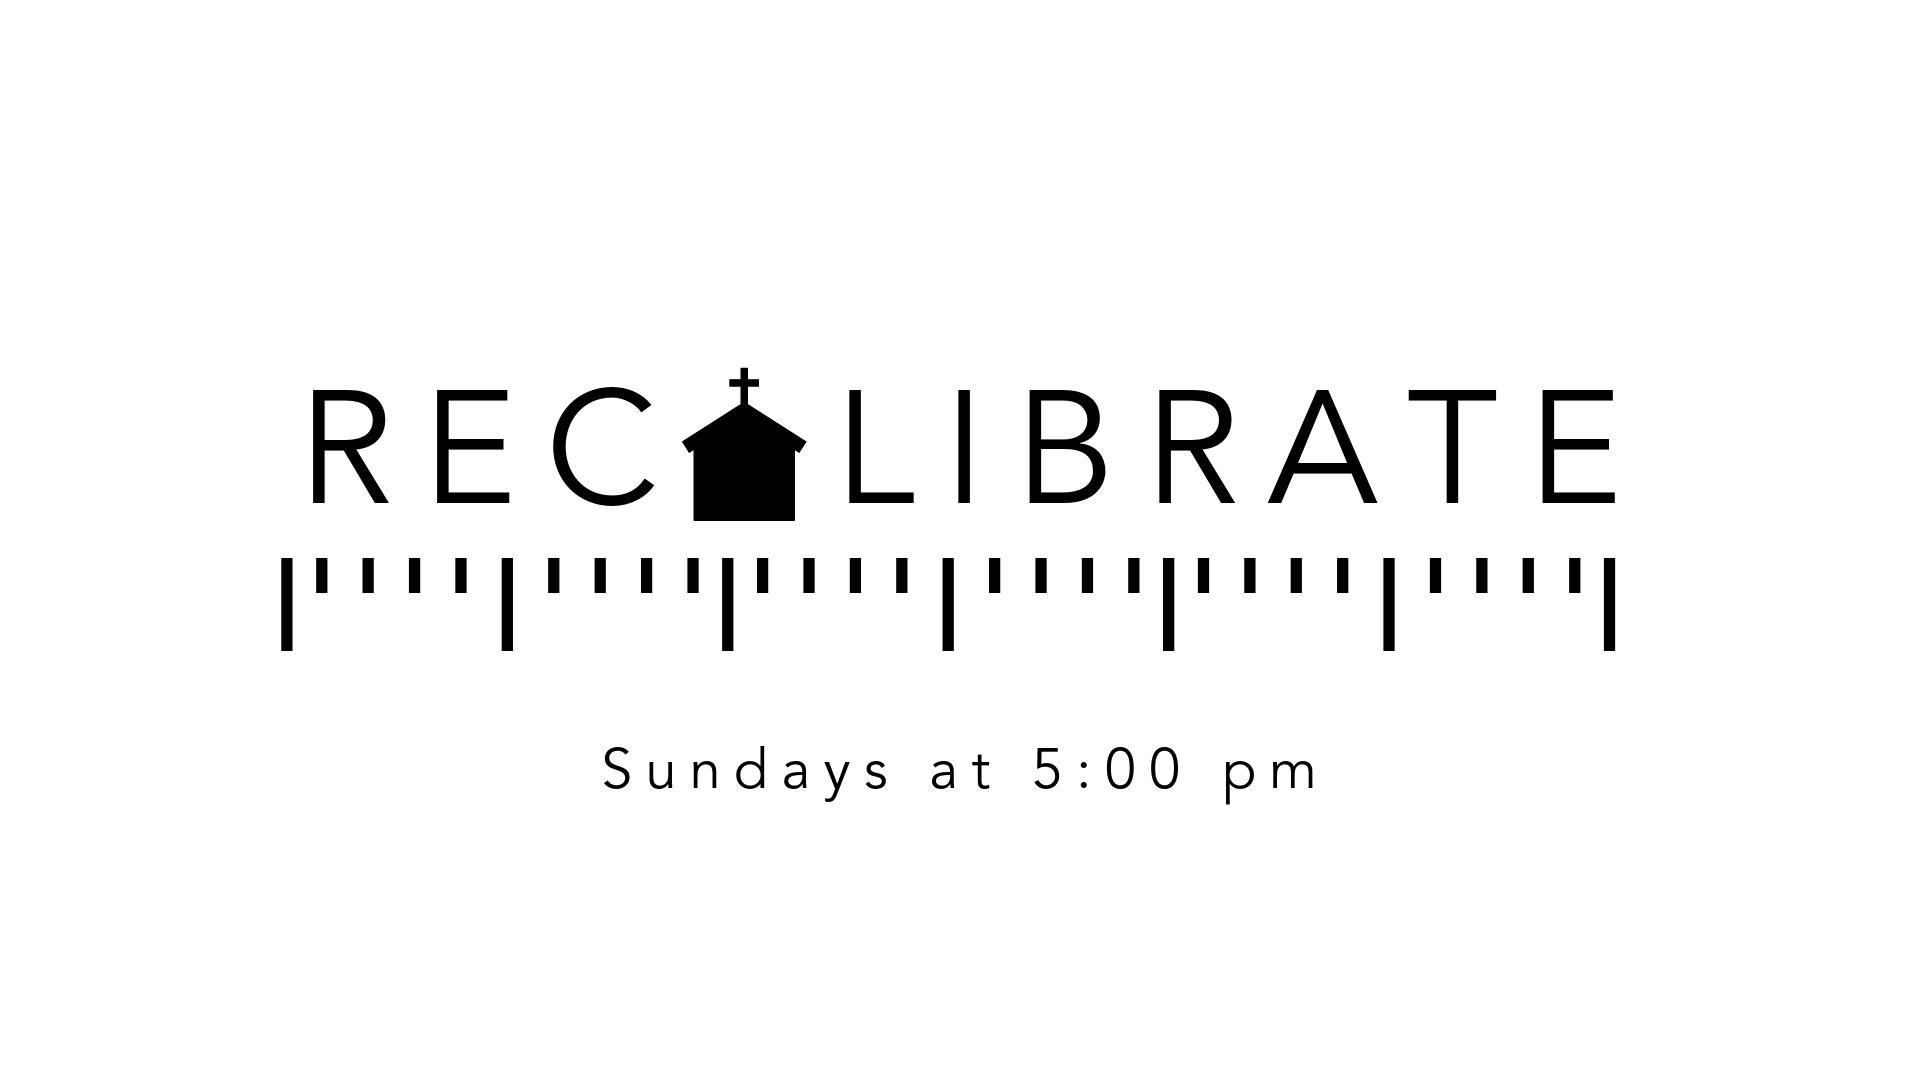 RECALIBRATE (1).png